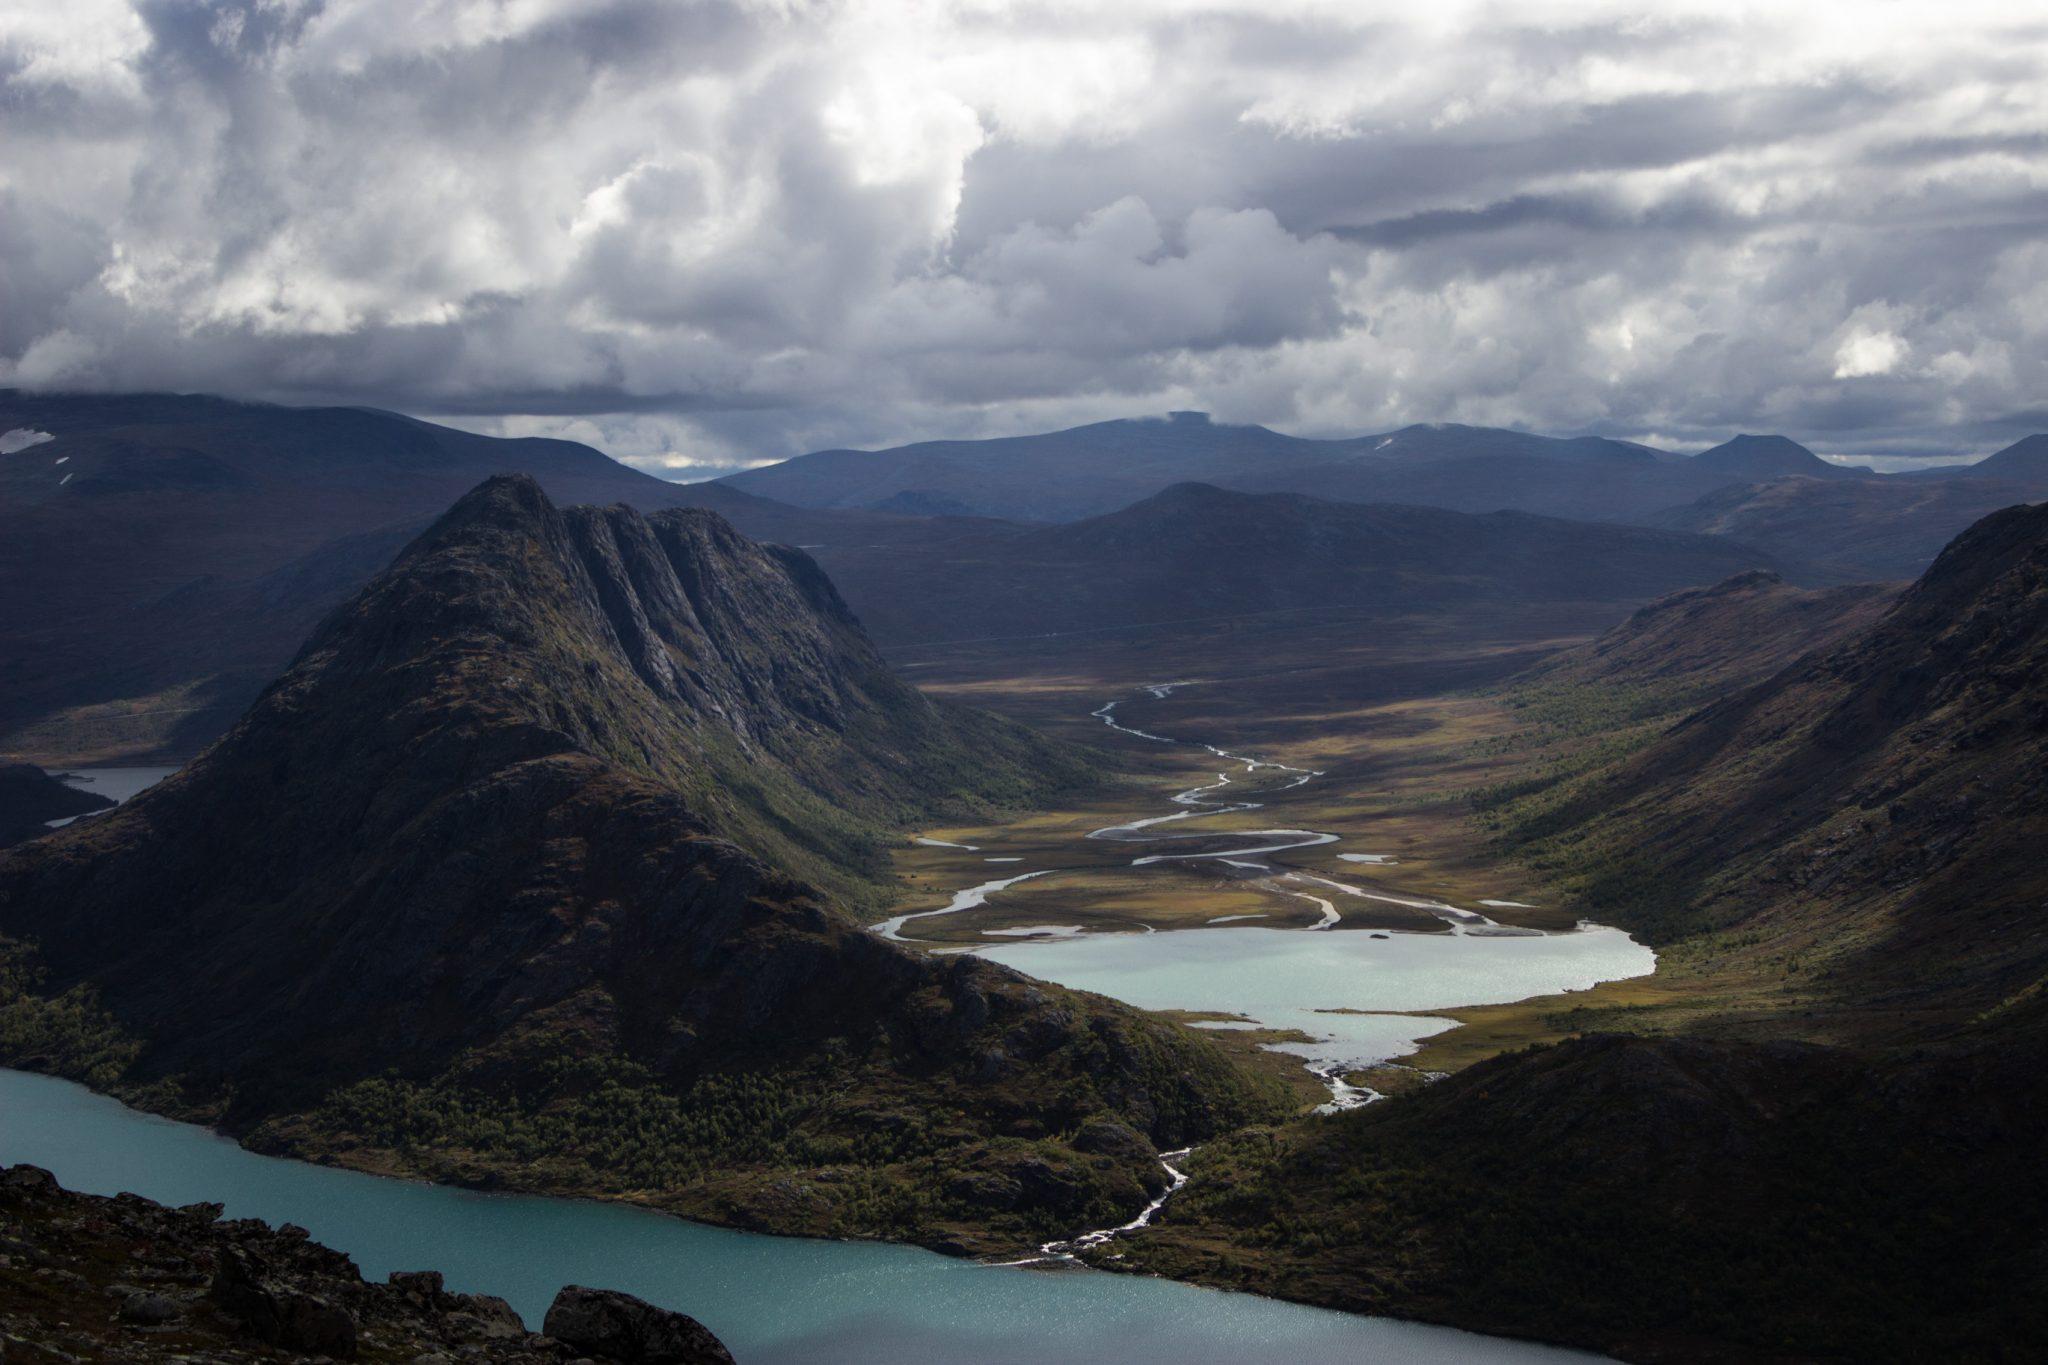 Wanderung Besseggen-Grat im Jotunheimen Nationalpark, Aussicht auf wunderschönen Gjendesee und umgebende Berge